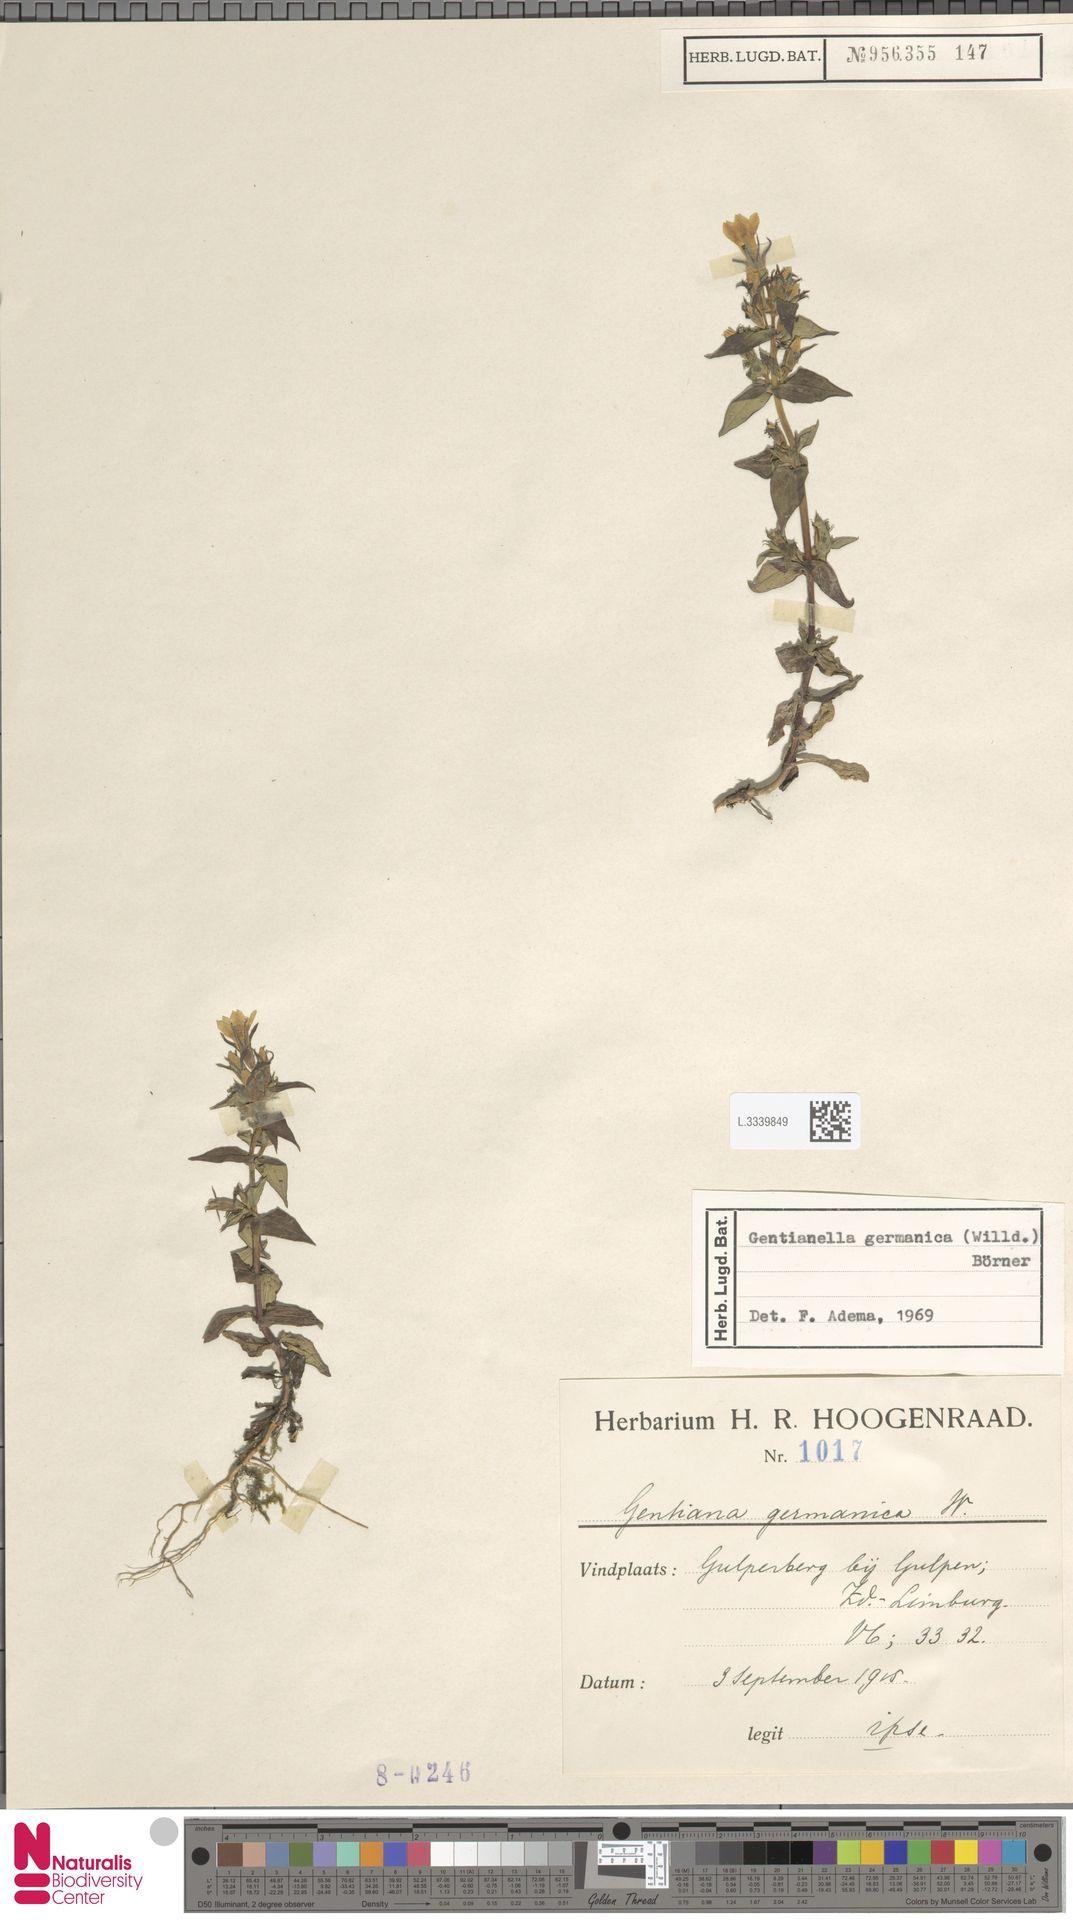 L.3339849   Gentianella germanica (Willd.) E.F.Warb.